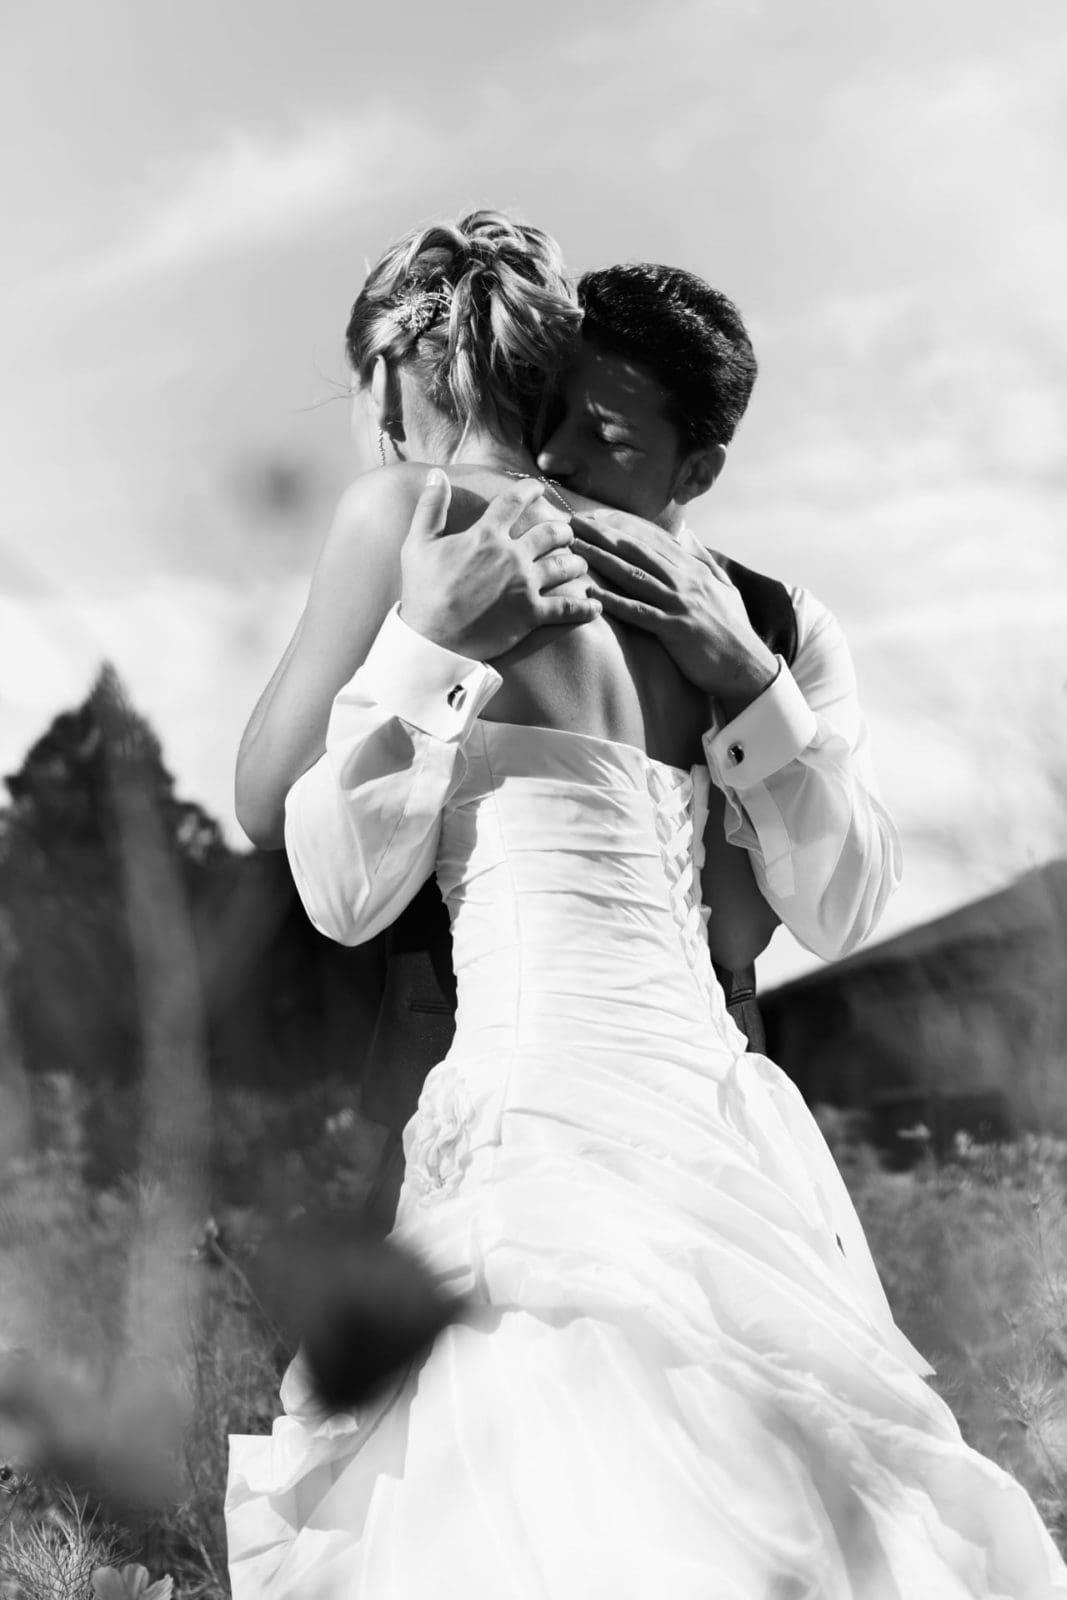 Hochzeitsfotograf Offenburg in Offenburg  Hochzeiten  Feiern